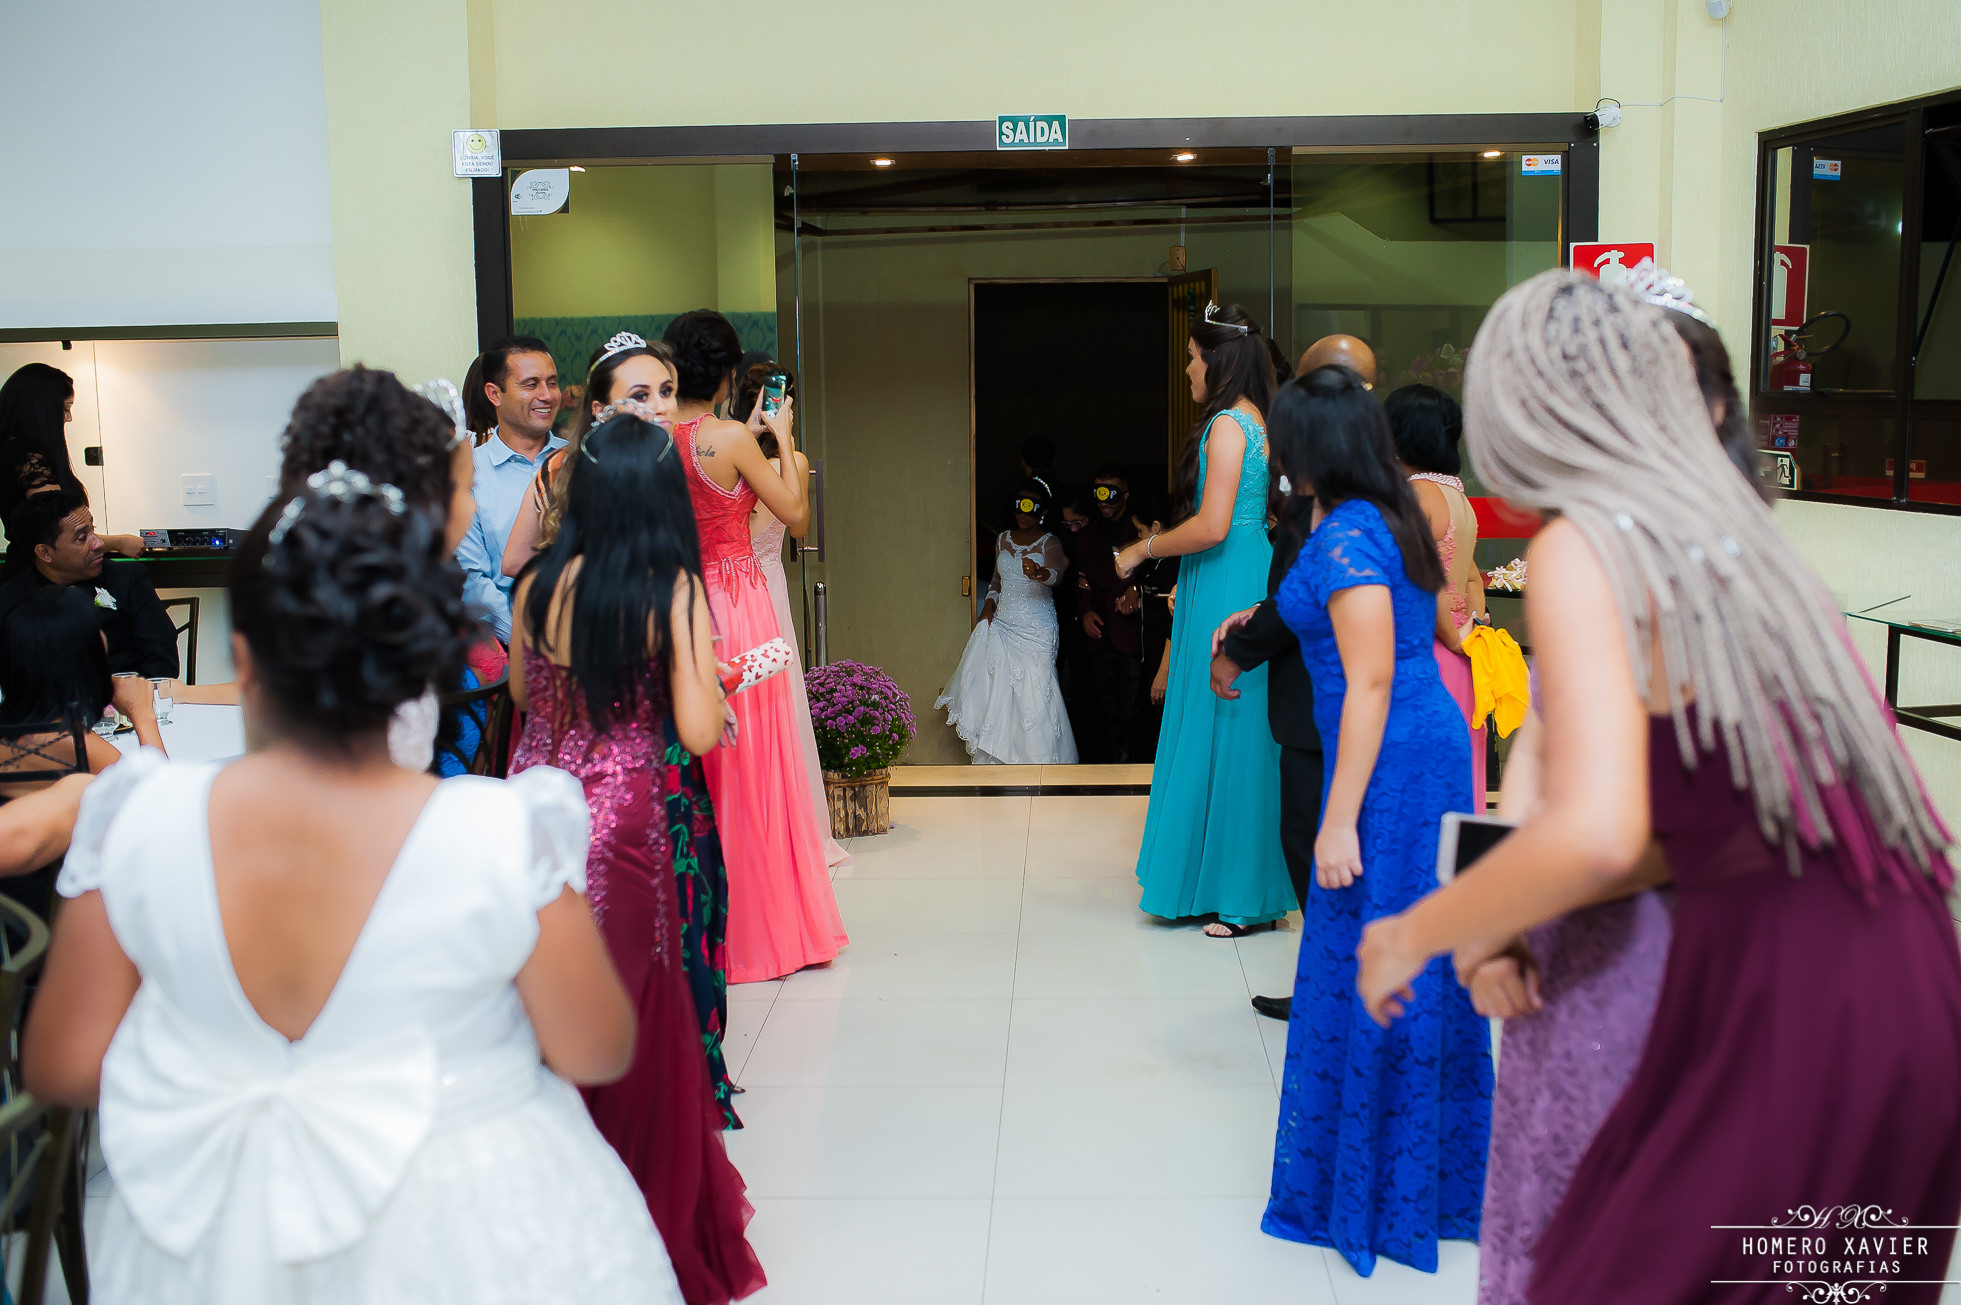 fotografia festa casamento Espaco Genesis em BH